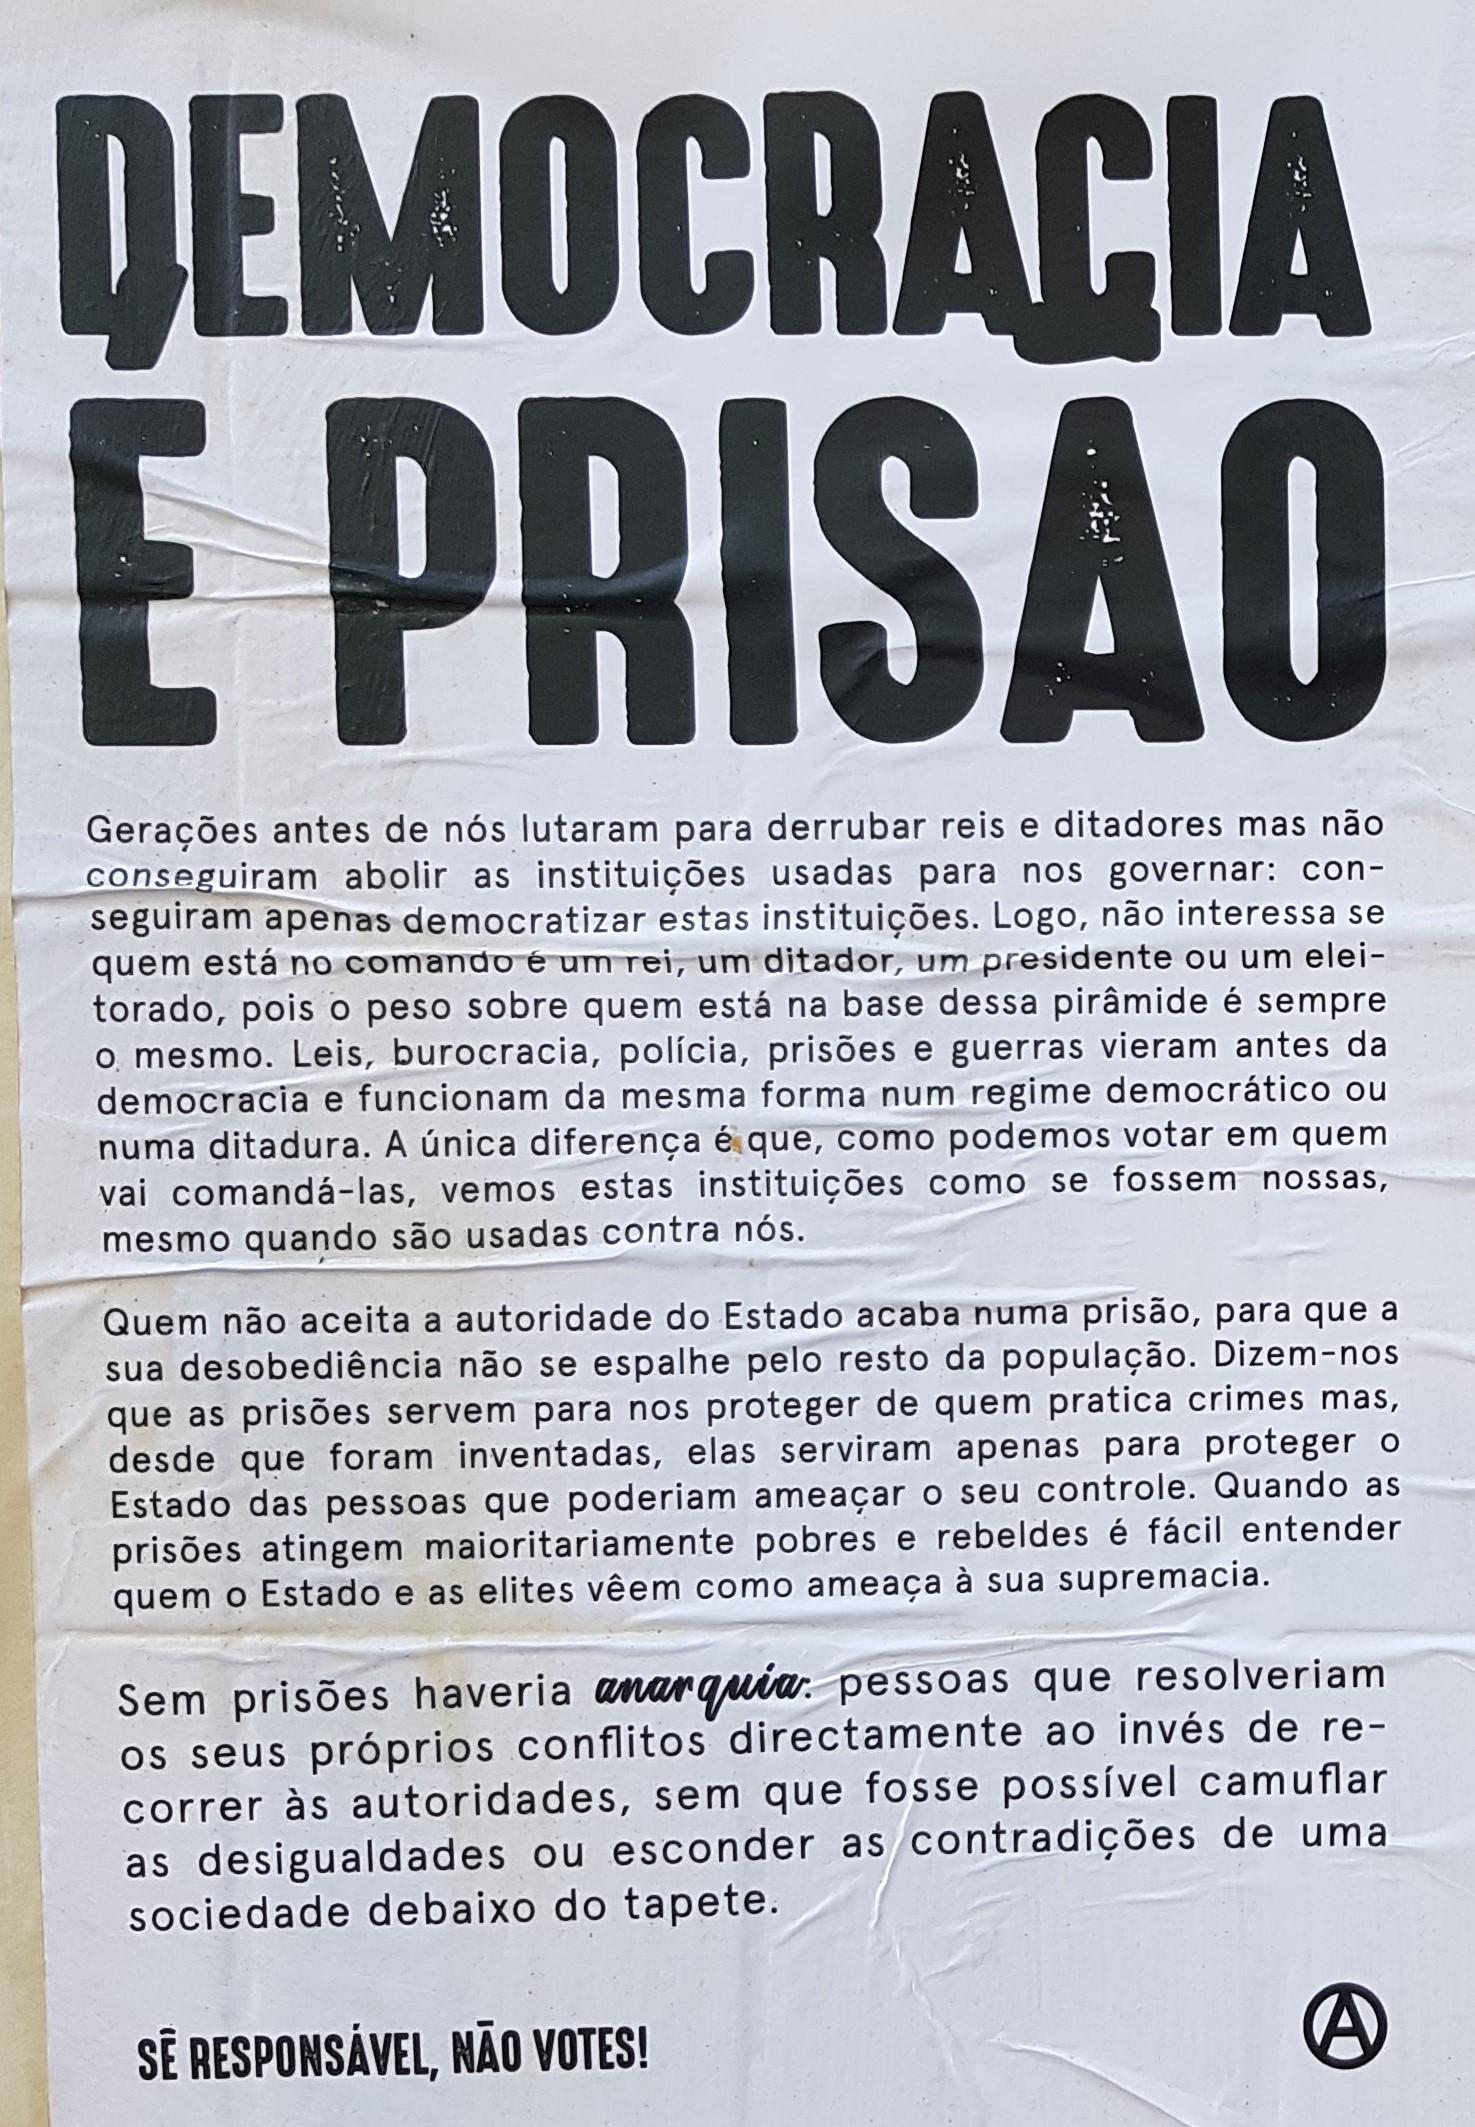 Anarquista_20190916_153815 – Cópia